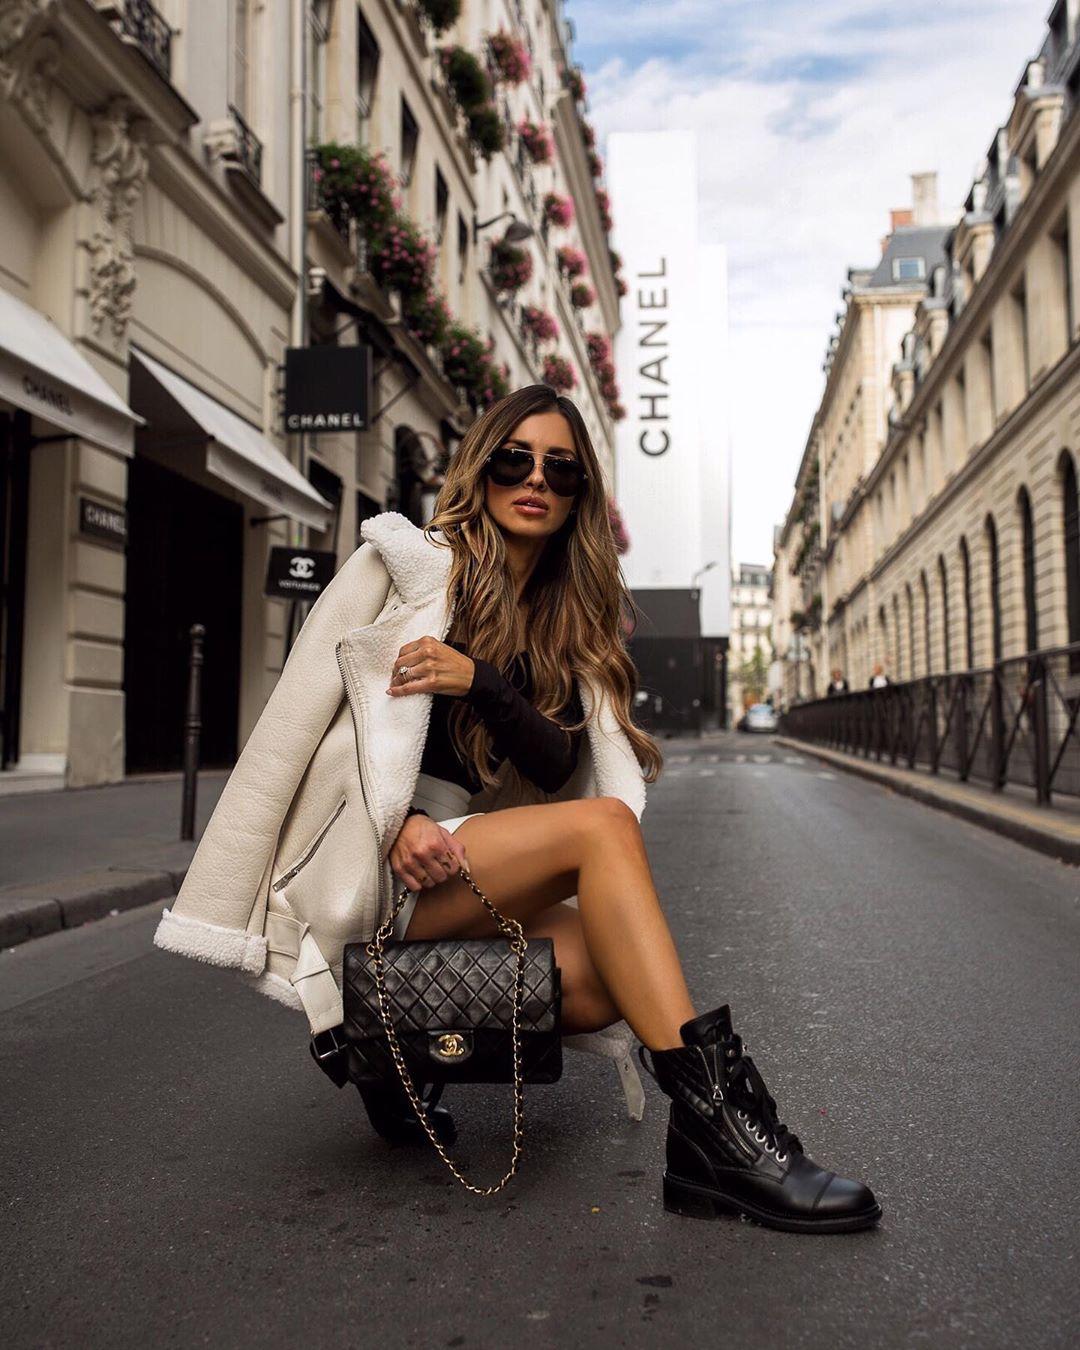 модные луки зима 2020 фото 10